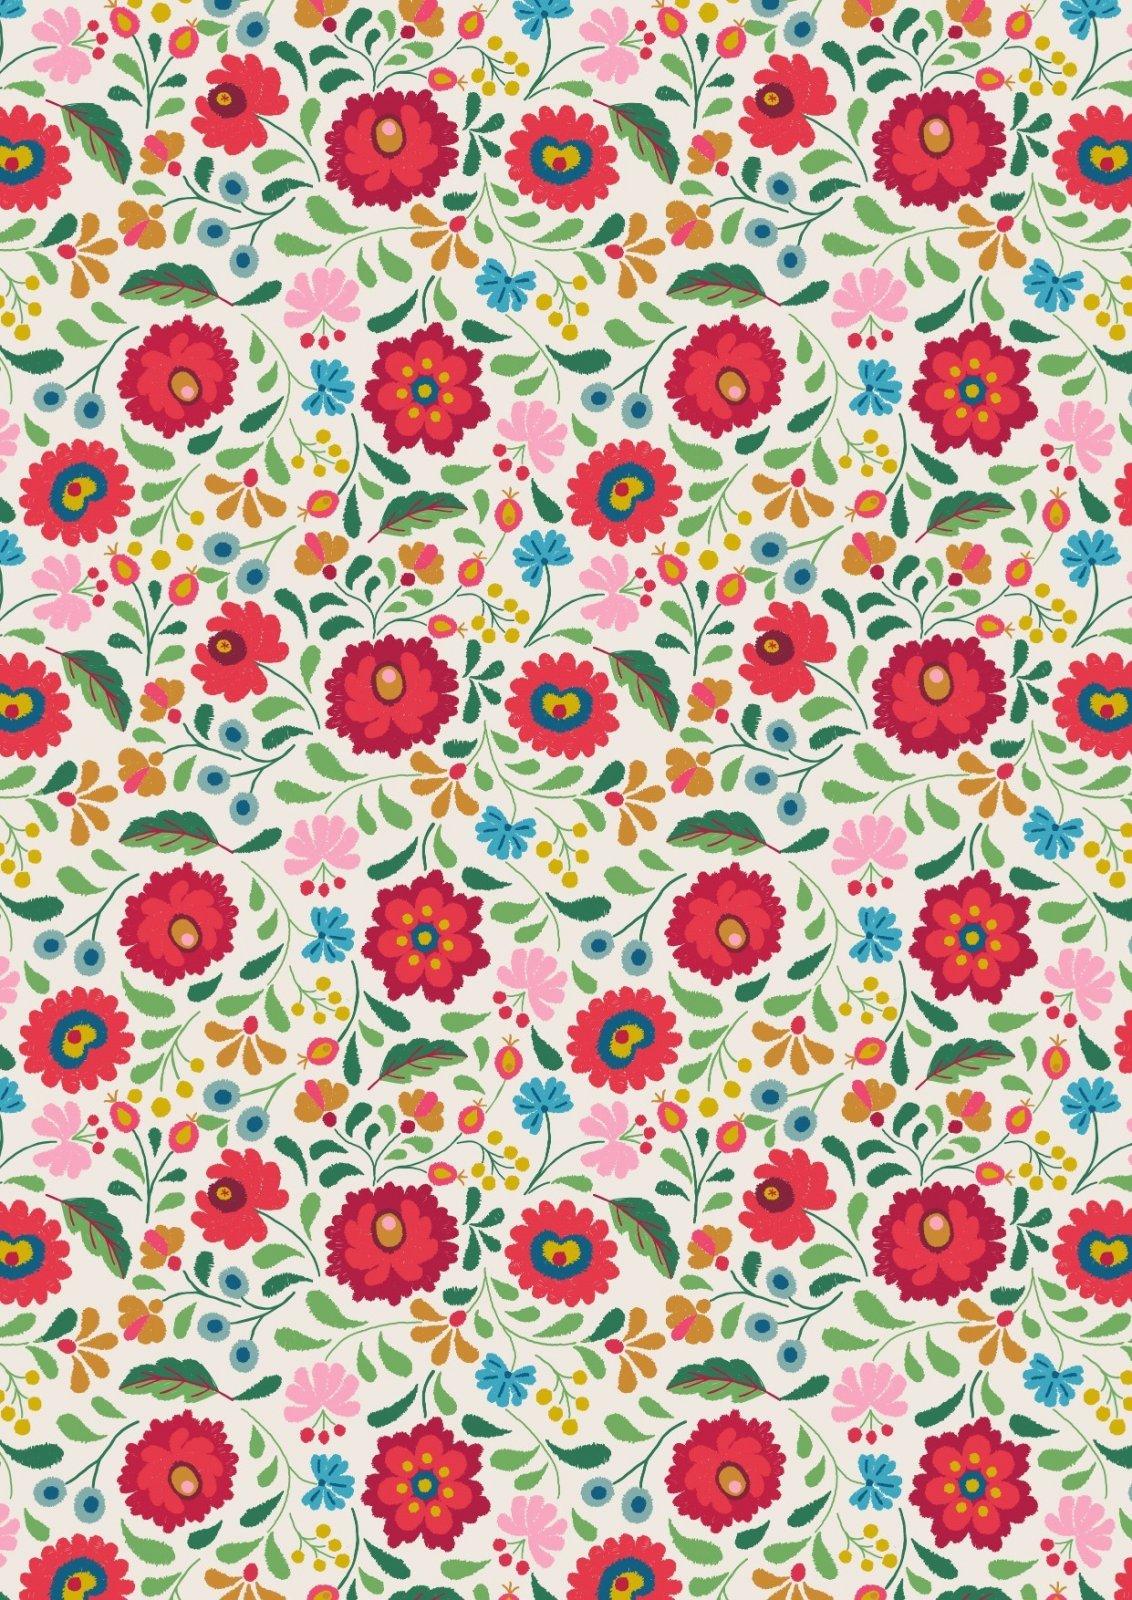 Maya - Folksy Flowers on White